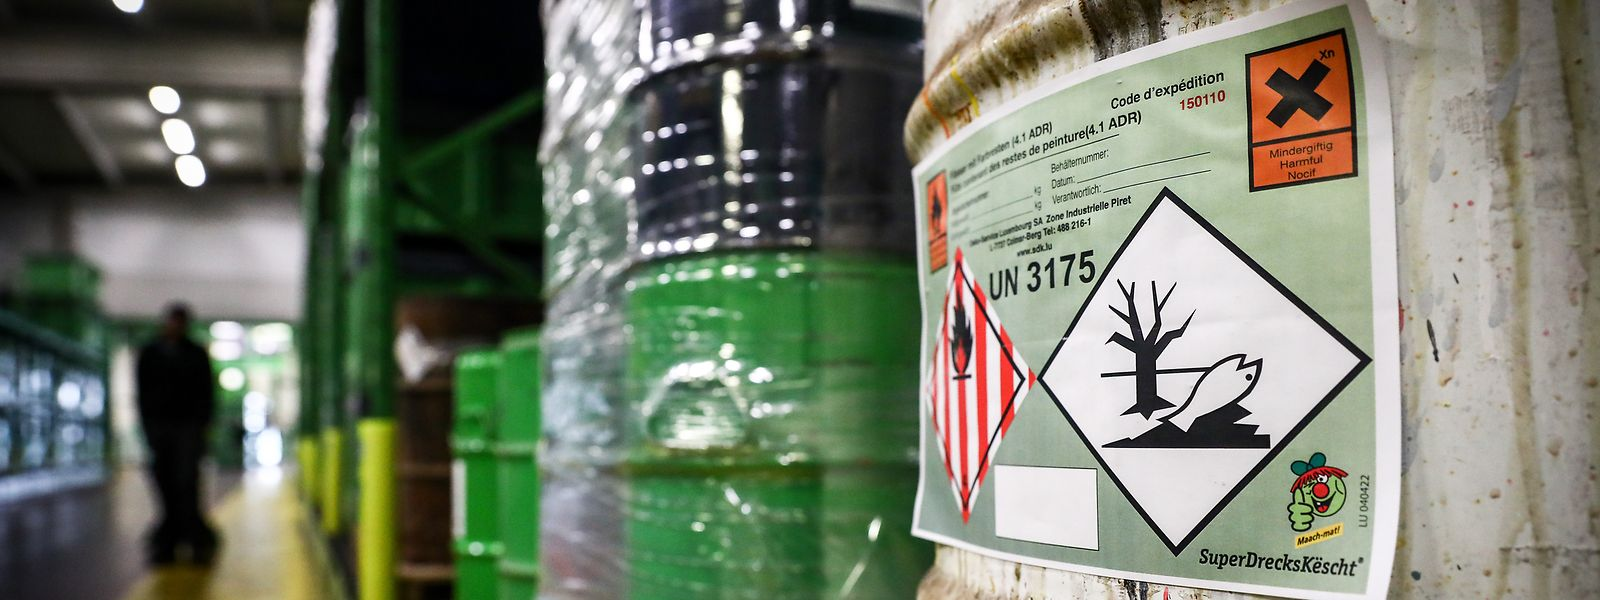 Spécialisé dans la collecte et le recyclage de produits problématiques issus des ménages, le service «SuperDrecksKëscht» serait opéré via un partenariat privilégié entre l'Etat et la société privée allemande Oeko-Service Luxembourg SA.